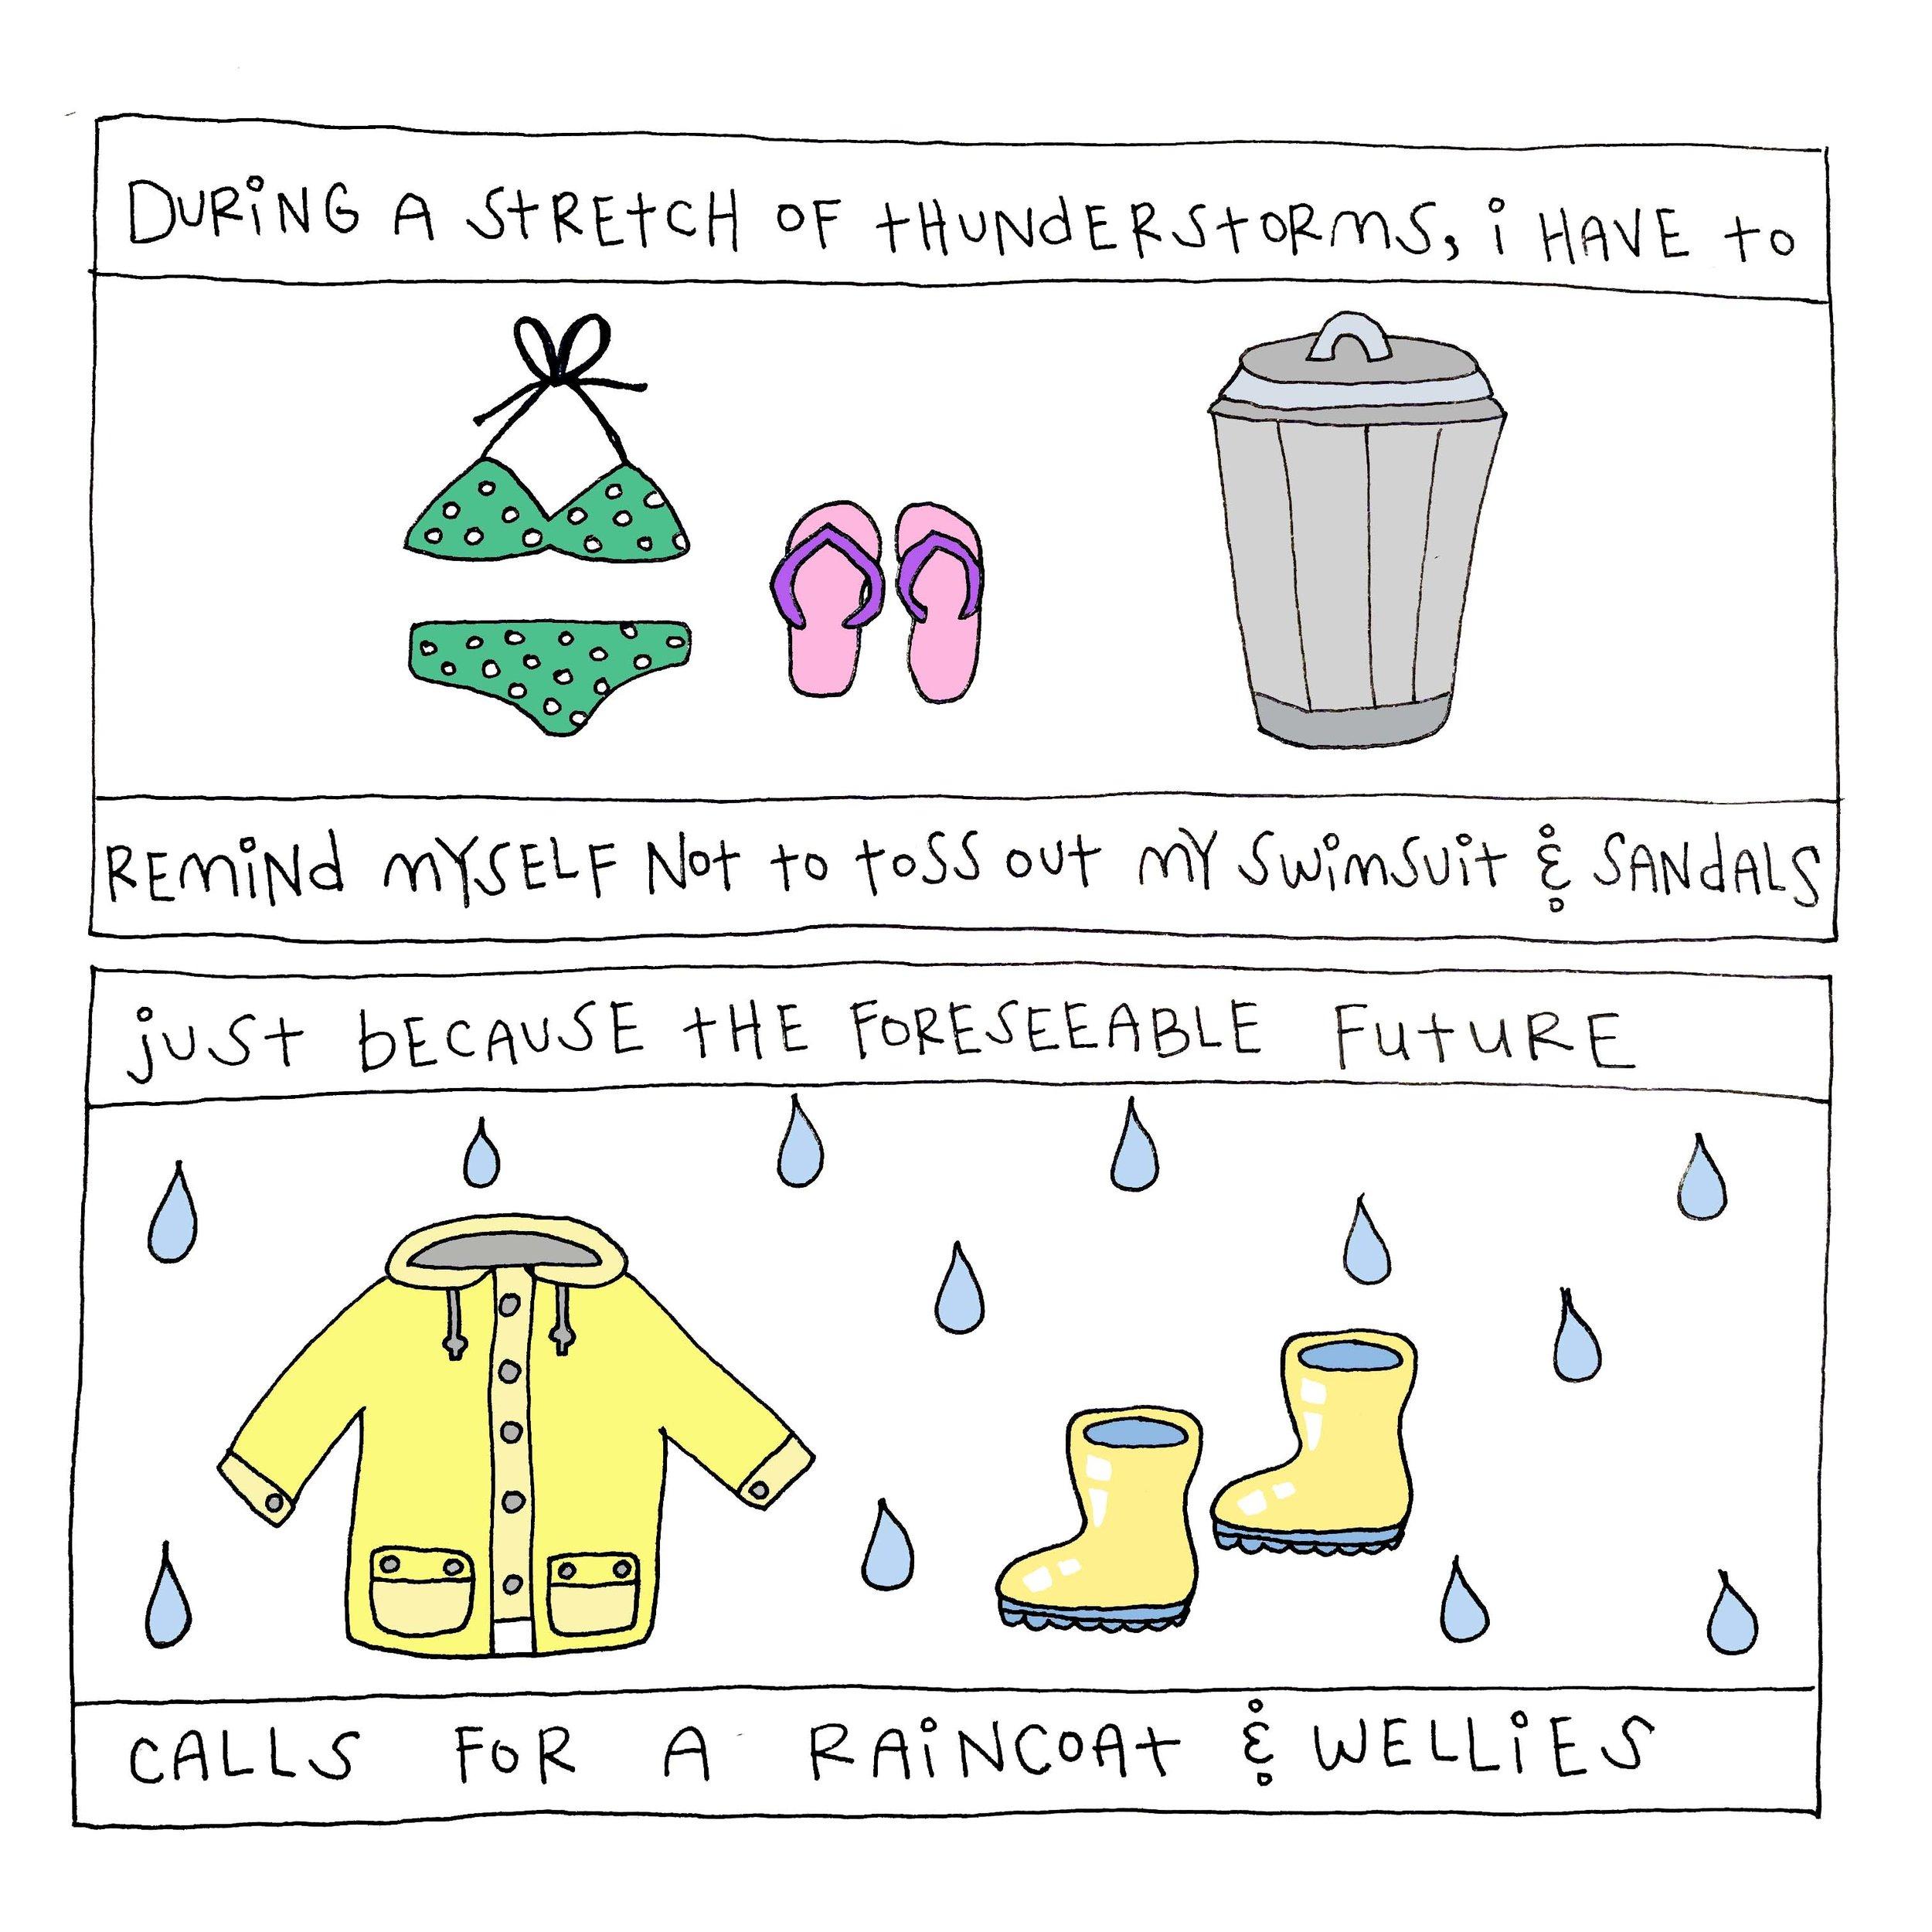 raincoat and wellies.JPG